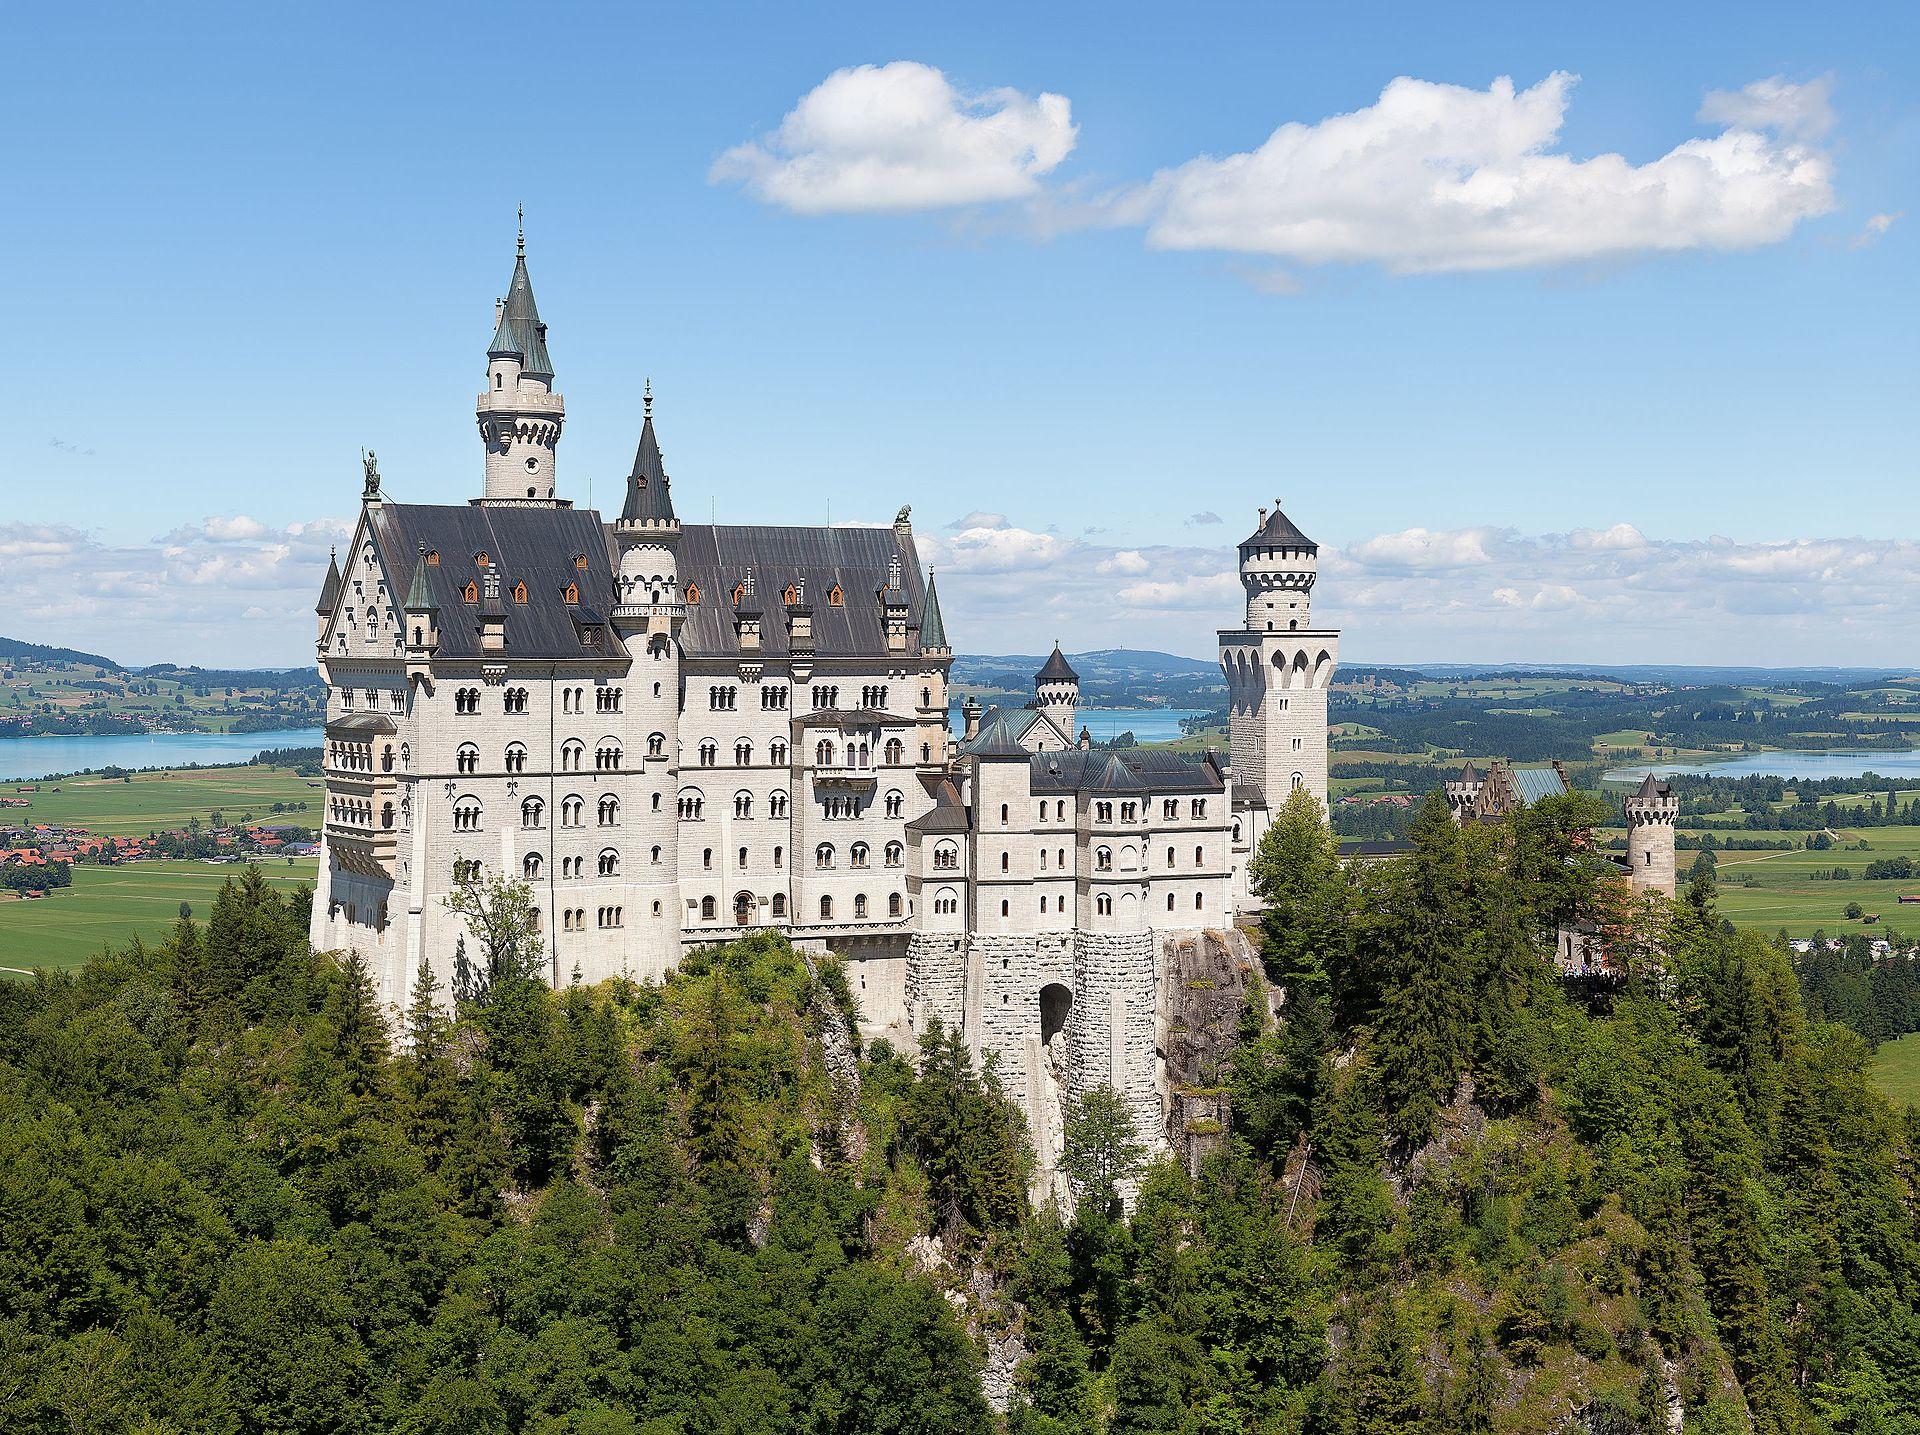 Snow White Castle